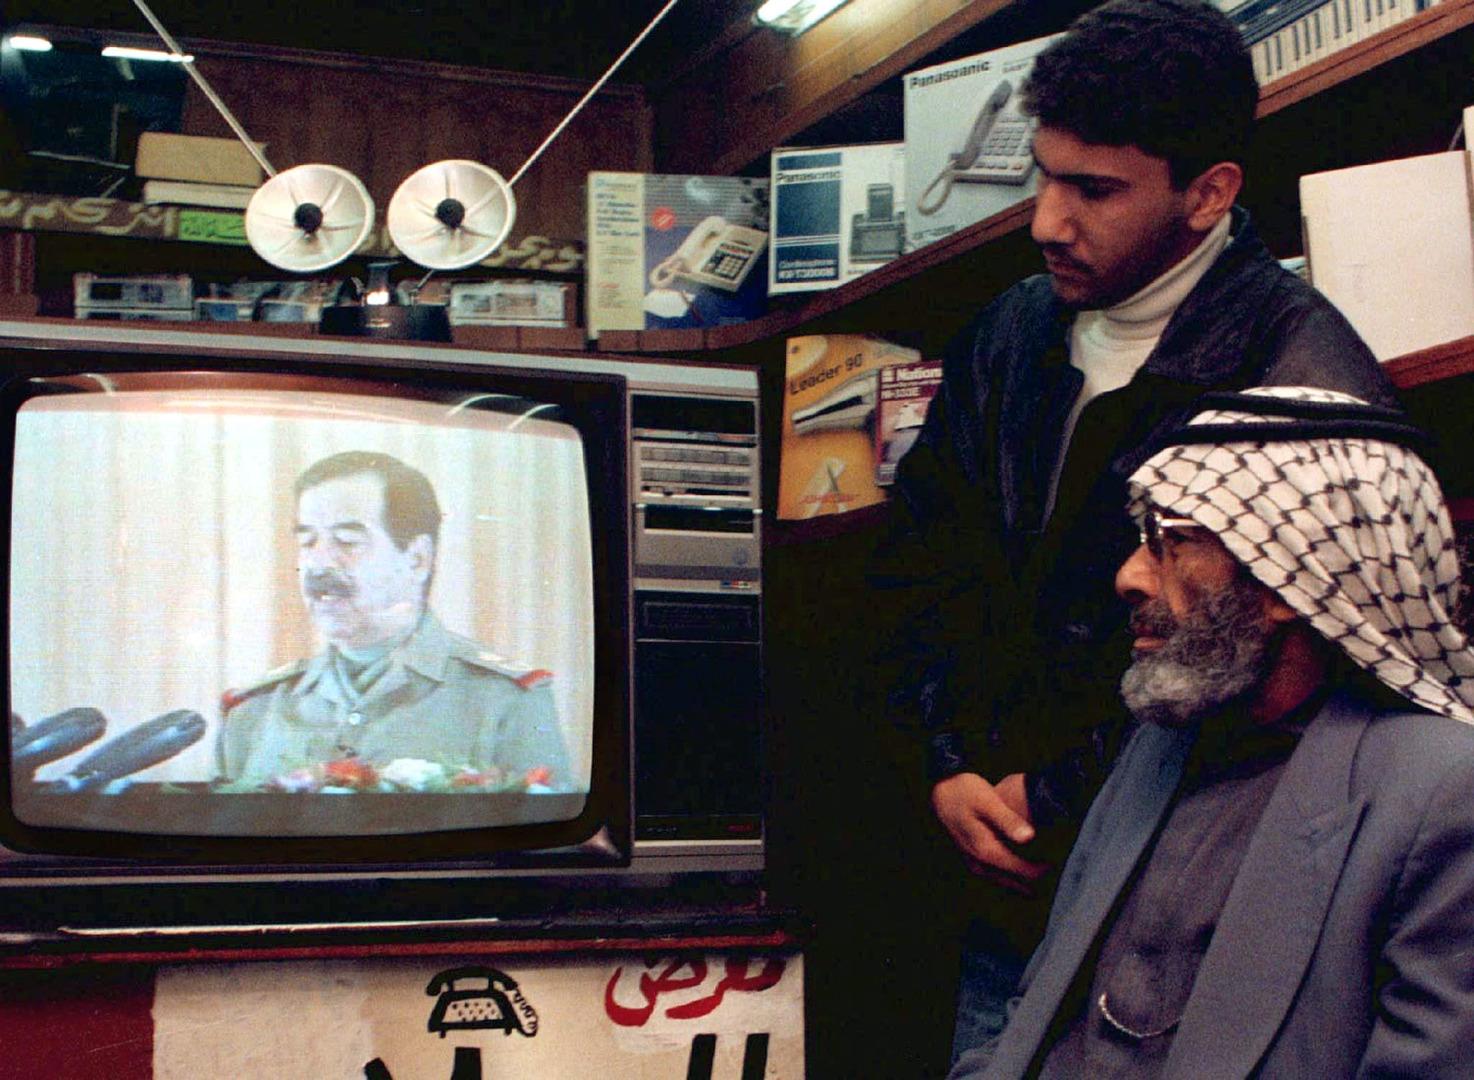 سفير العراق في الأردن يغرد في الذكرى الـ 30 لغزو الكويت!